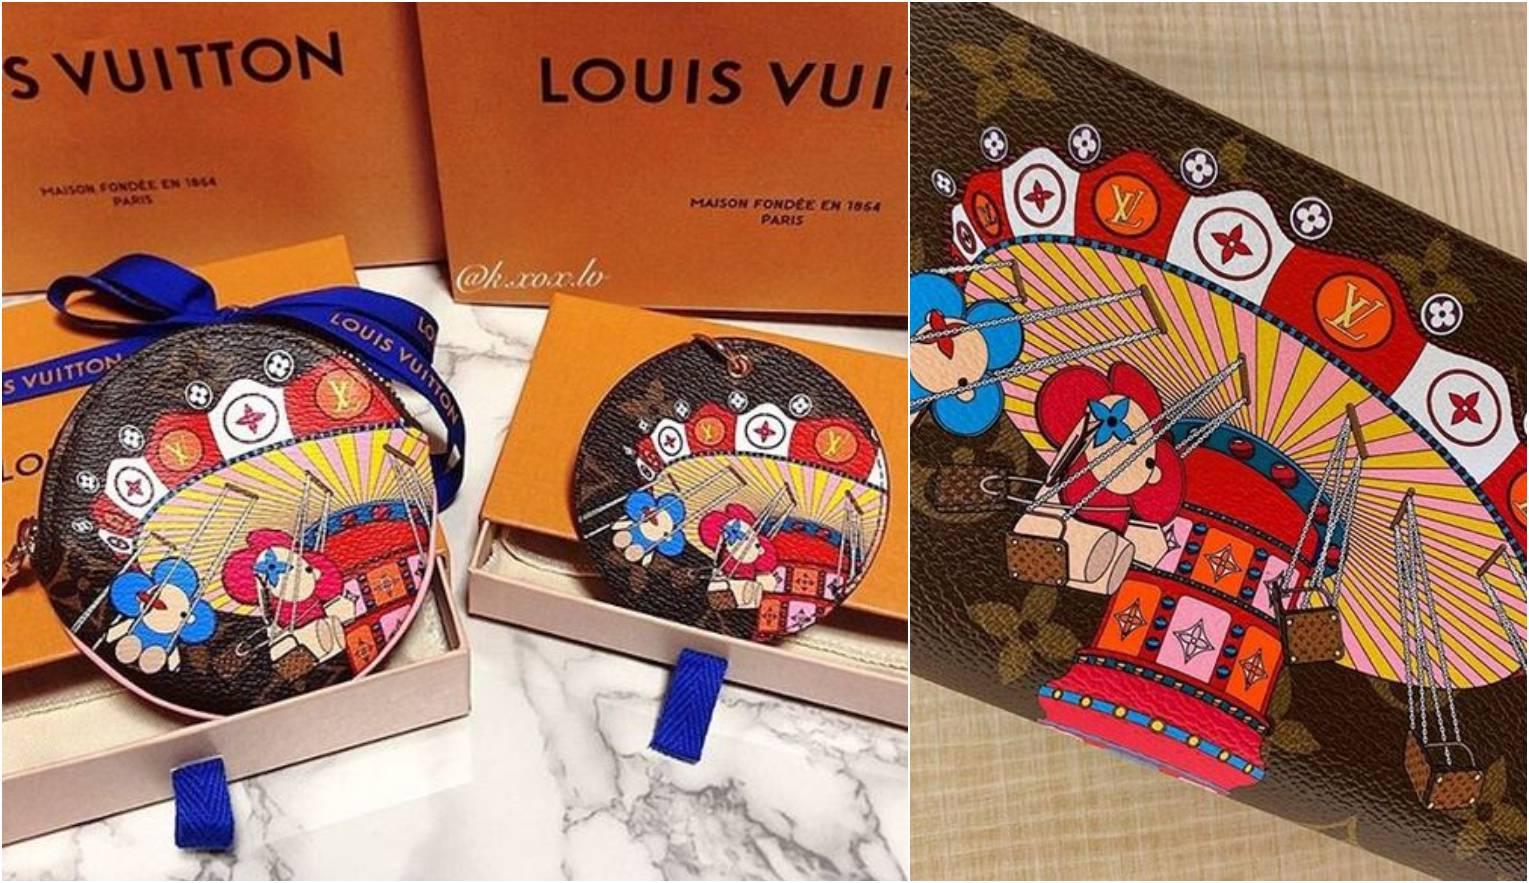 Louis Vuitton predstavlja novu kolekciju božićnih torbica s likom male ikone Vivienne